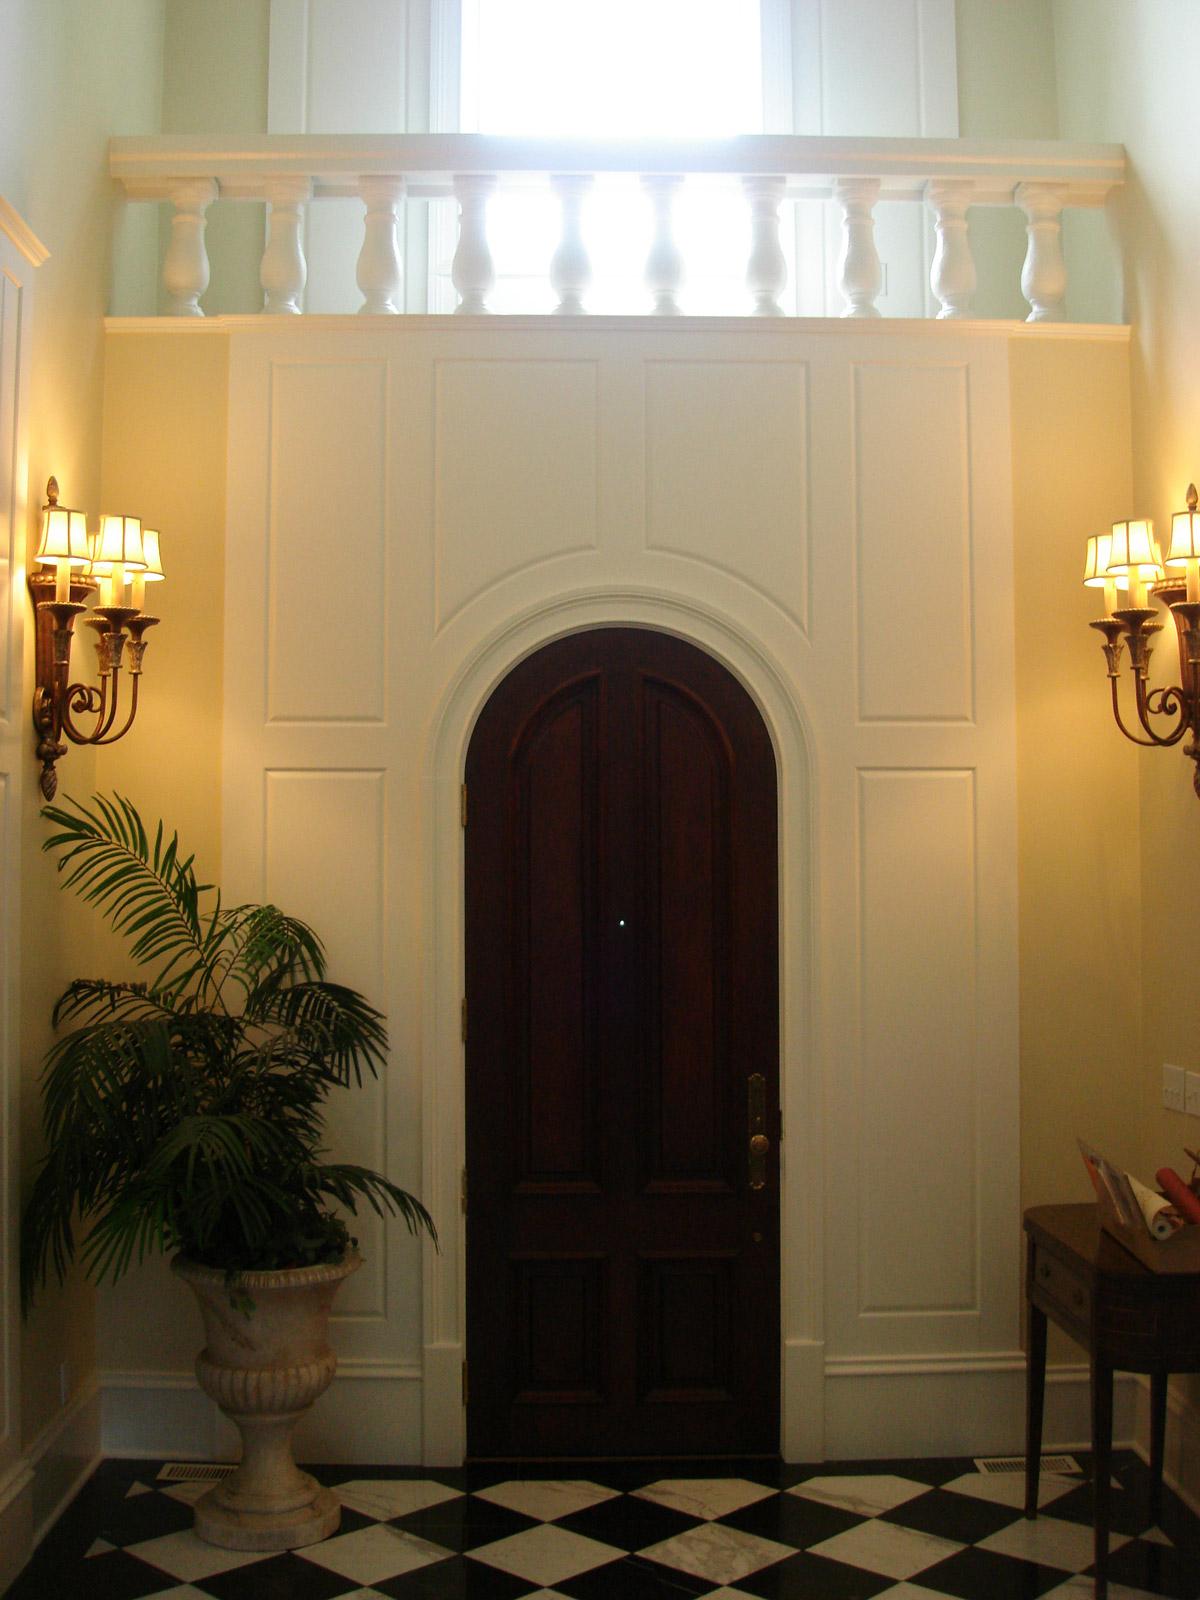 WOCC-ResidenceLivingston3_04.jpg